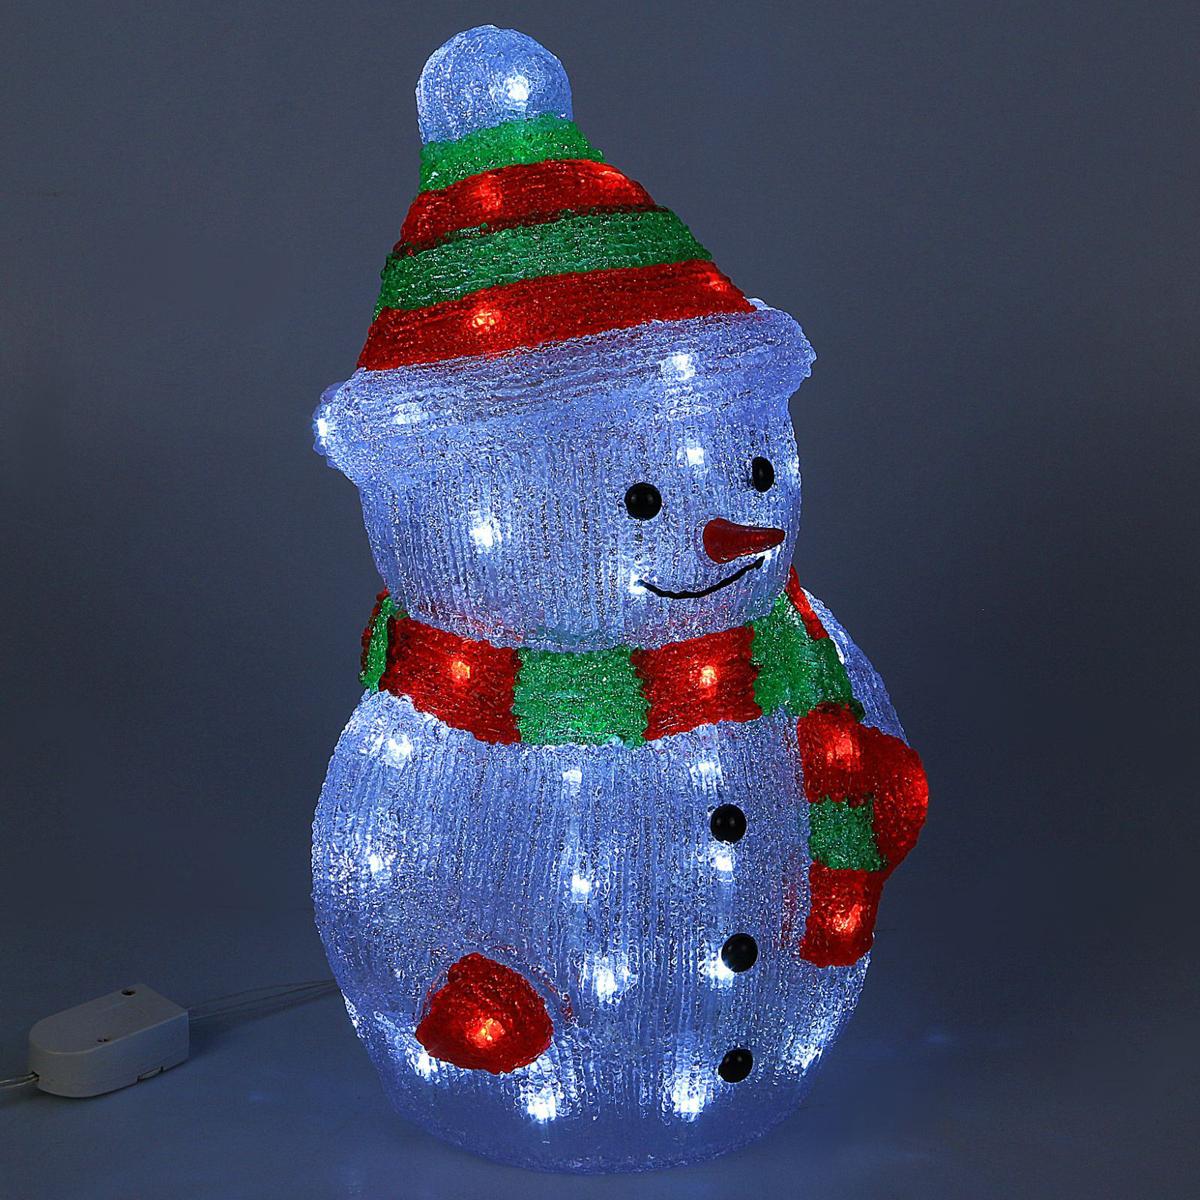 Фигурка новогодняя Luazon Снеговик, 21 х 25 х 40 см2310862Появившись относительно недавно, акриловые световые объемные фигуры быстро стали стильным и оригинальным украшением каждого праздника.Акриловые фигуры светодиодные, яркие и декоративные, эффектно выглядят в любом месте и в любой обстановке. Надувные фигуры оленей, белых медведей, экзотических птиц и новогодних персонажей прекрасно смотрятся на детских площадках, у новогодней елки, в вестибюле гостиницы, в кафе, в ресторане, у загородного дома.Изделия из акрила внешне напоминают фигуры изо льда и снега, но не зависят от погодных условий, не боятся воды и перепадов температуры. Это делает их удобными для установки на открытом воздухе, в парках, садах, на площадках.Большое количество светодиодов, современный материал (прочный акрил), оригинальность формы, простая и безопасная эксплуатация делают такие фигуры прекрасным украшением парковых зон и мест отдыха.Могут быть установлены в любом месте: и на открытом воздухе, и внутри зданий. Такие фигуры прекрасно дополняют декоративное оформление праздников, так как создают необычную атмосферу и хорошее настроение. И хотя основной период использования таких фигур новогодние дни, летом они тоже смотрятся эффектно и стильно.С того времени, как световые скульптуры из акрила впервые появились в нашей стране, они быстро стали популярными, и популярность эта продолжает расти.